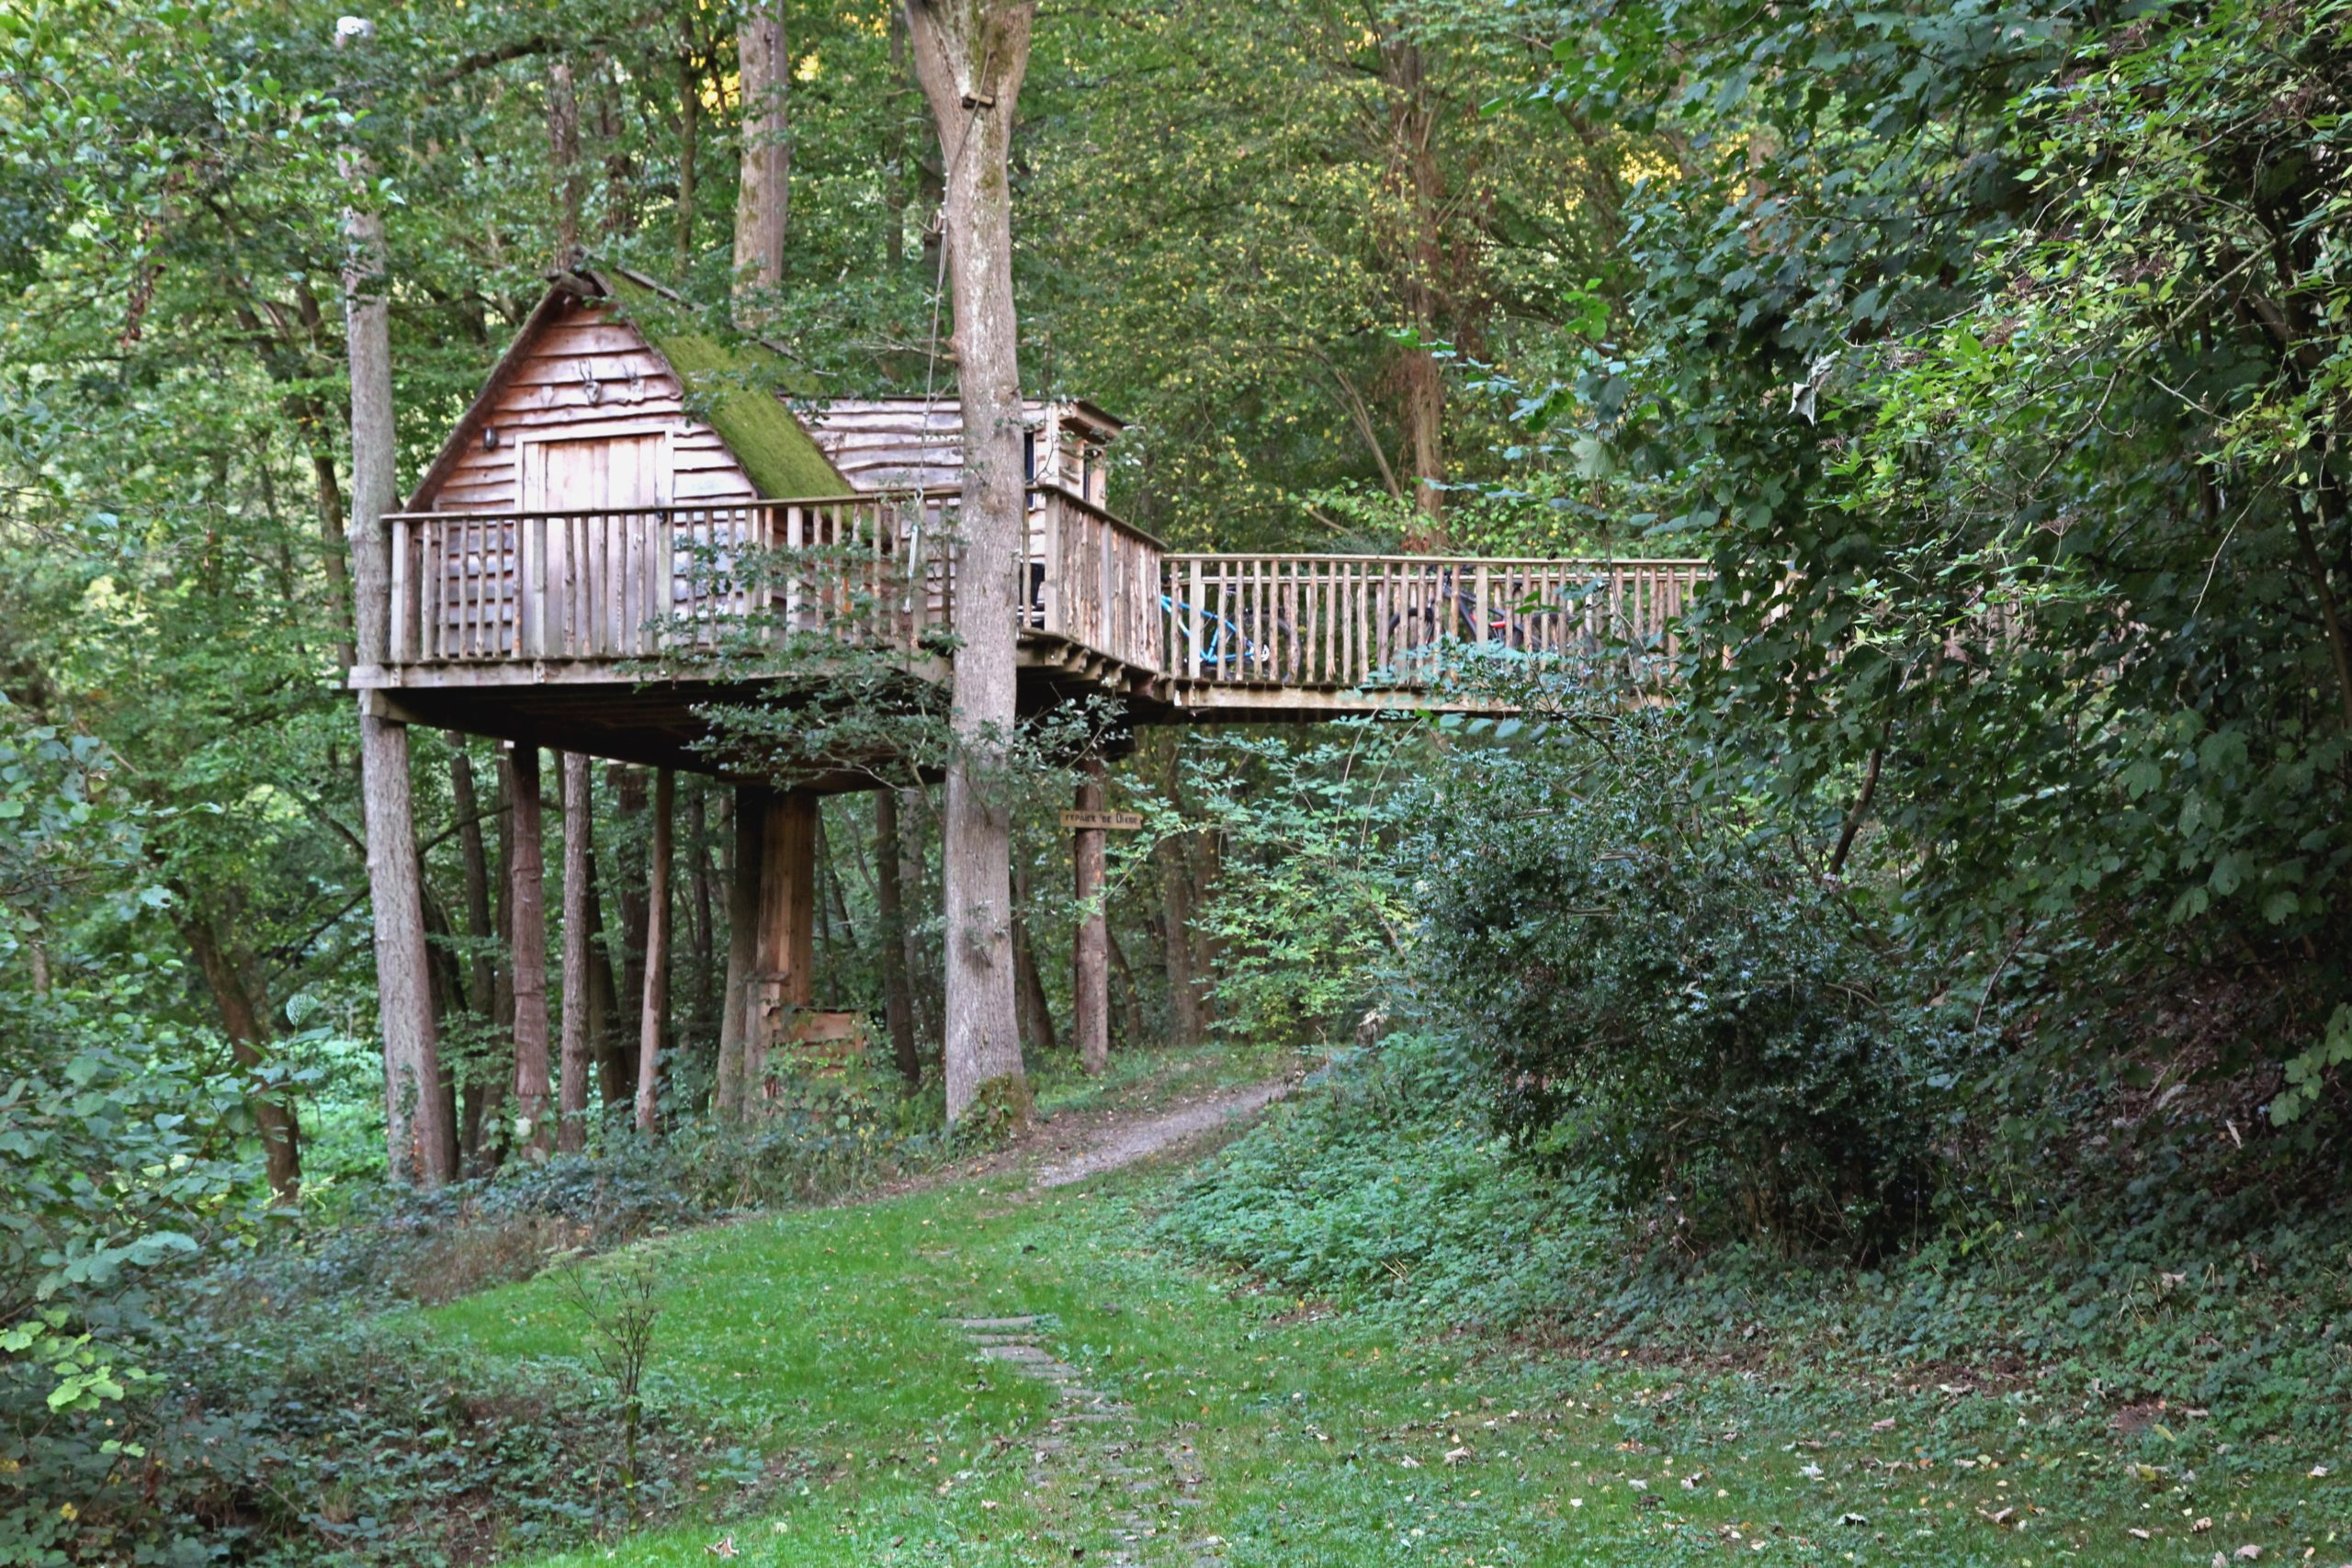 Moulin de Lisogne